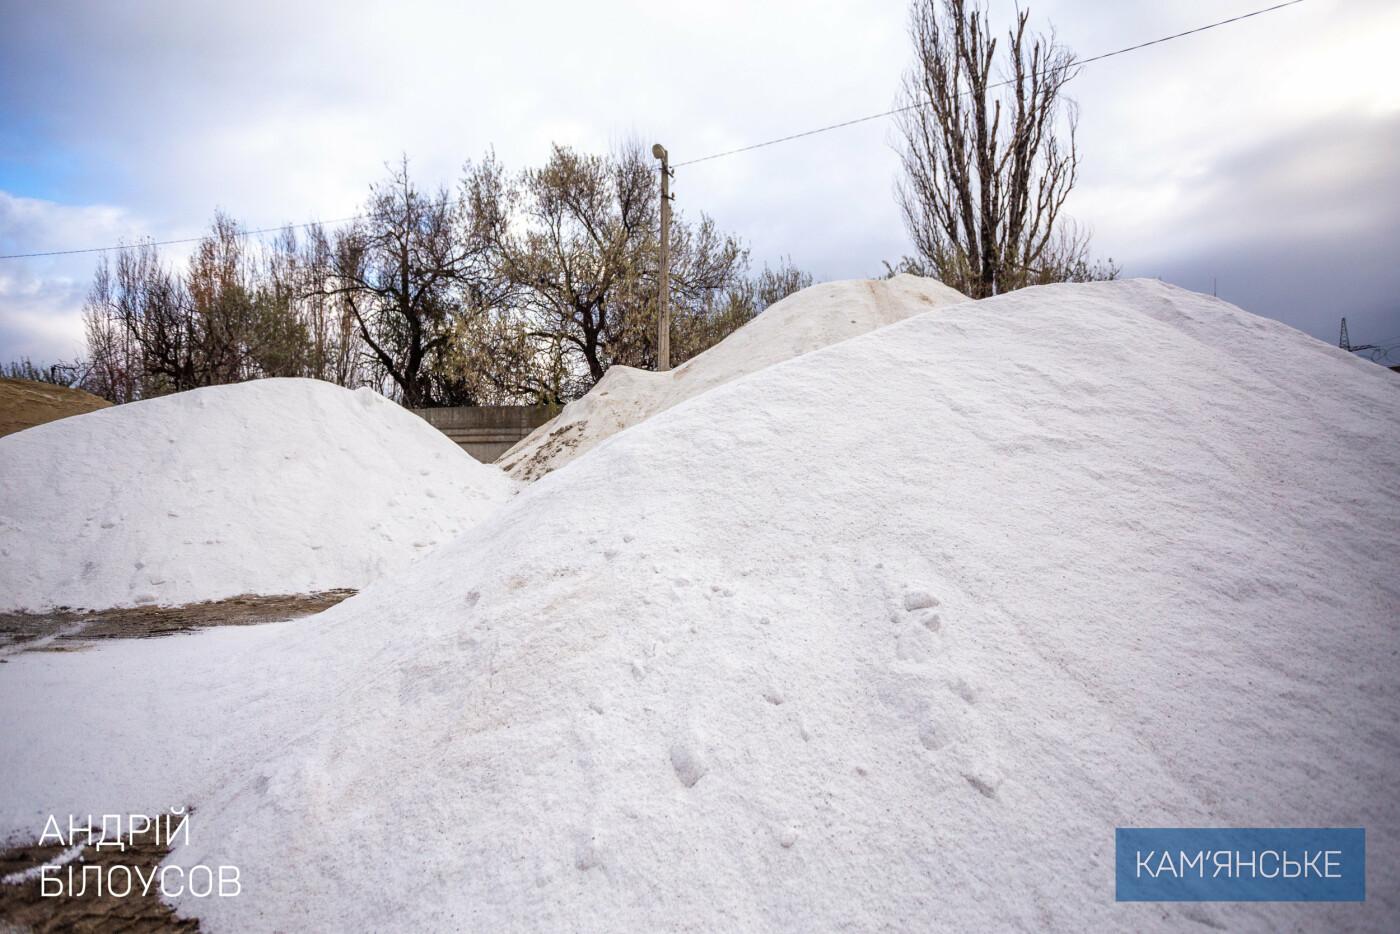 Мэр Каменского проверил готовность снегоуборочной техники к зиме, фото-2